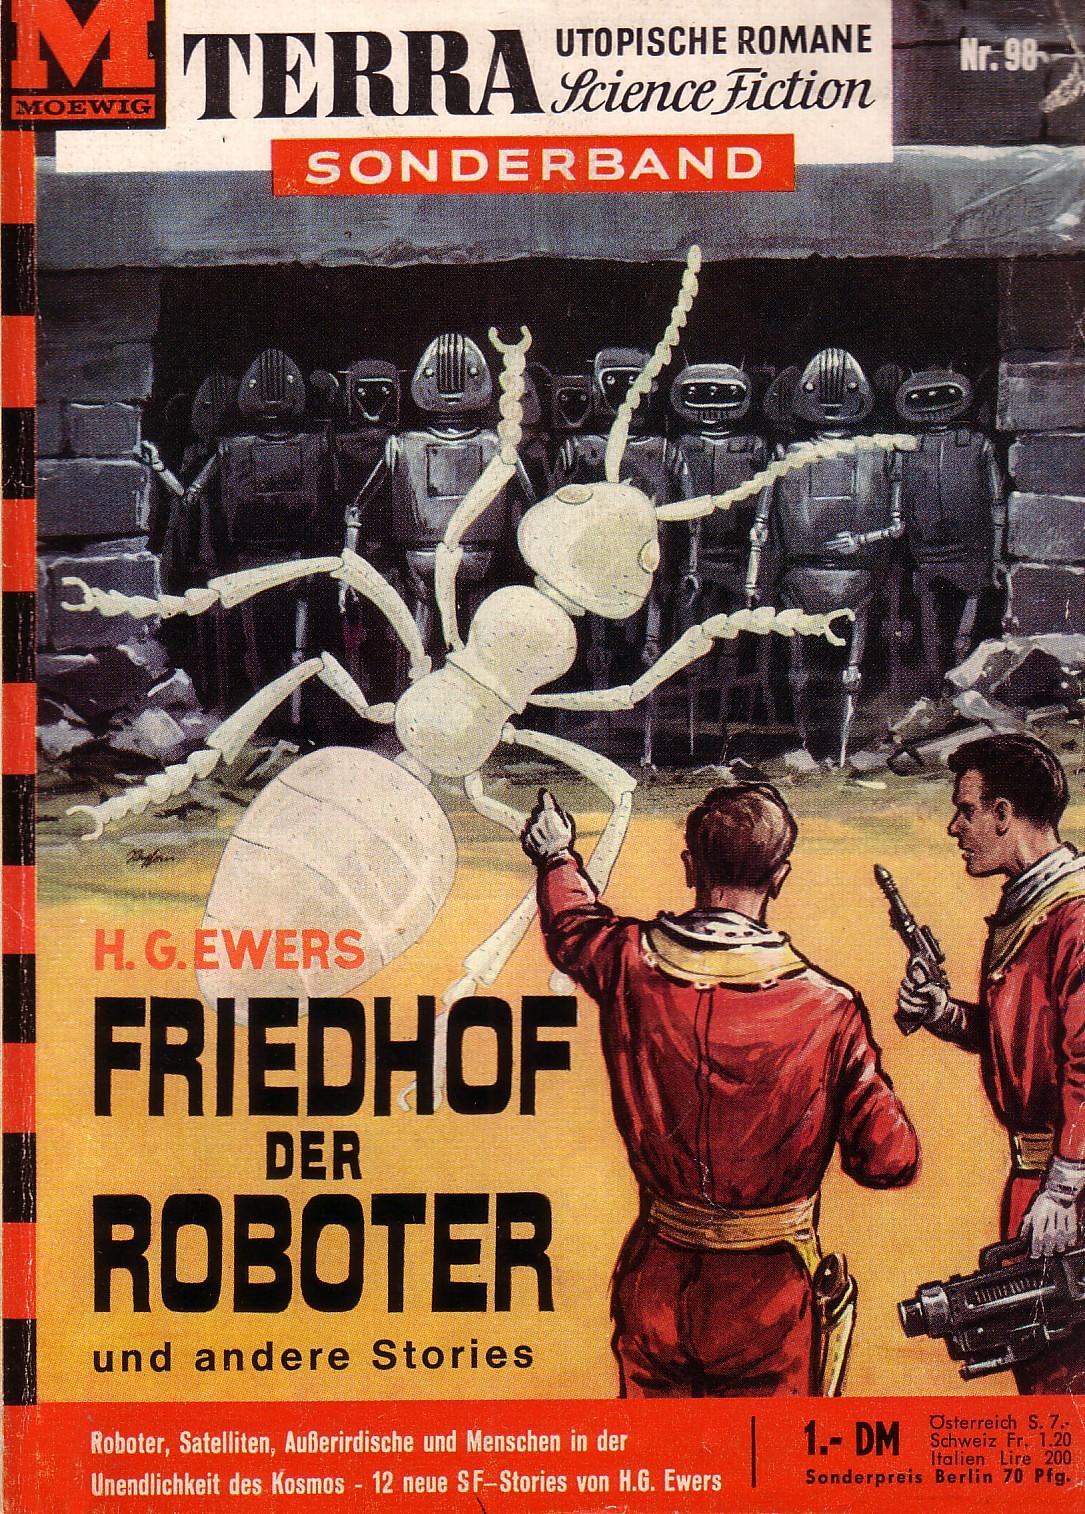 Великолепные обложки немецкого фантастического журнала Terra (20).jpg